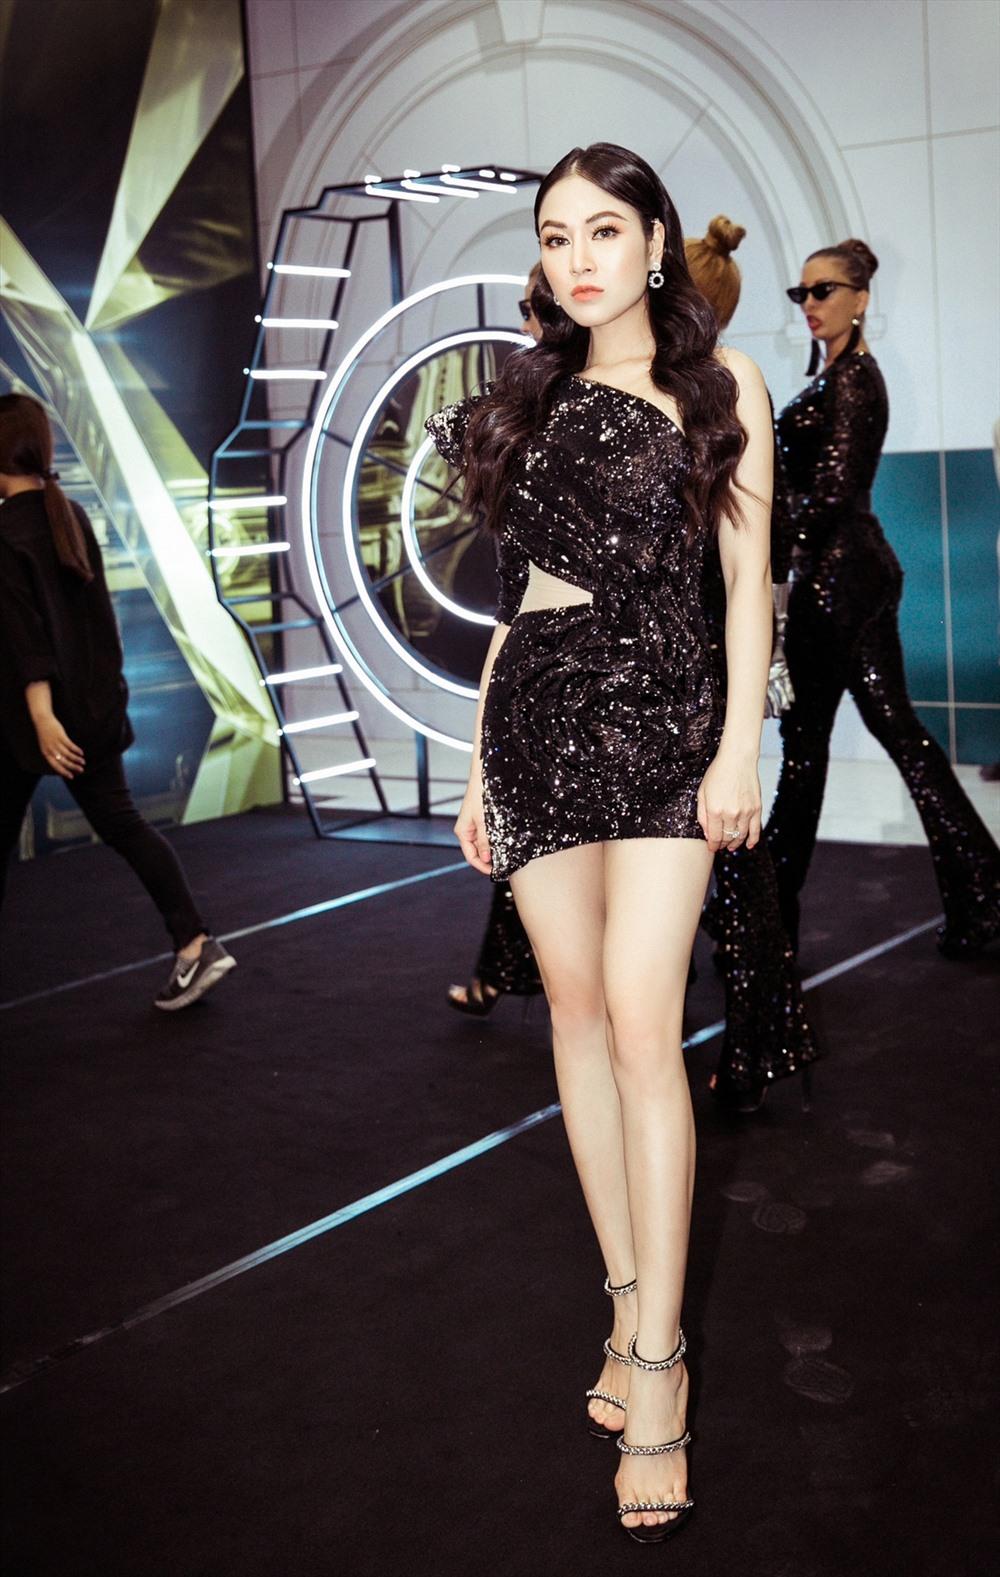 Đúng với chủ đề của đêm tiệc là 'Blink blink', người đẹp diện chiếc váy đen lấp lánh với những đường cắt táo bạo của nhà thiết kế Nguyễn Tiến Truyển, khoe đường cong và thân hình chuẩn hoa hậu.